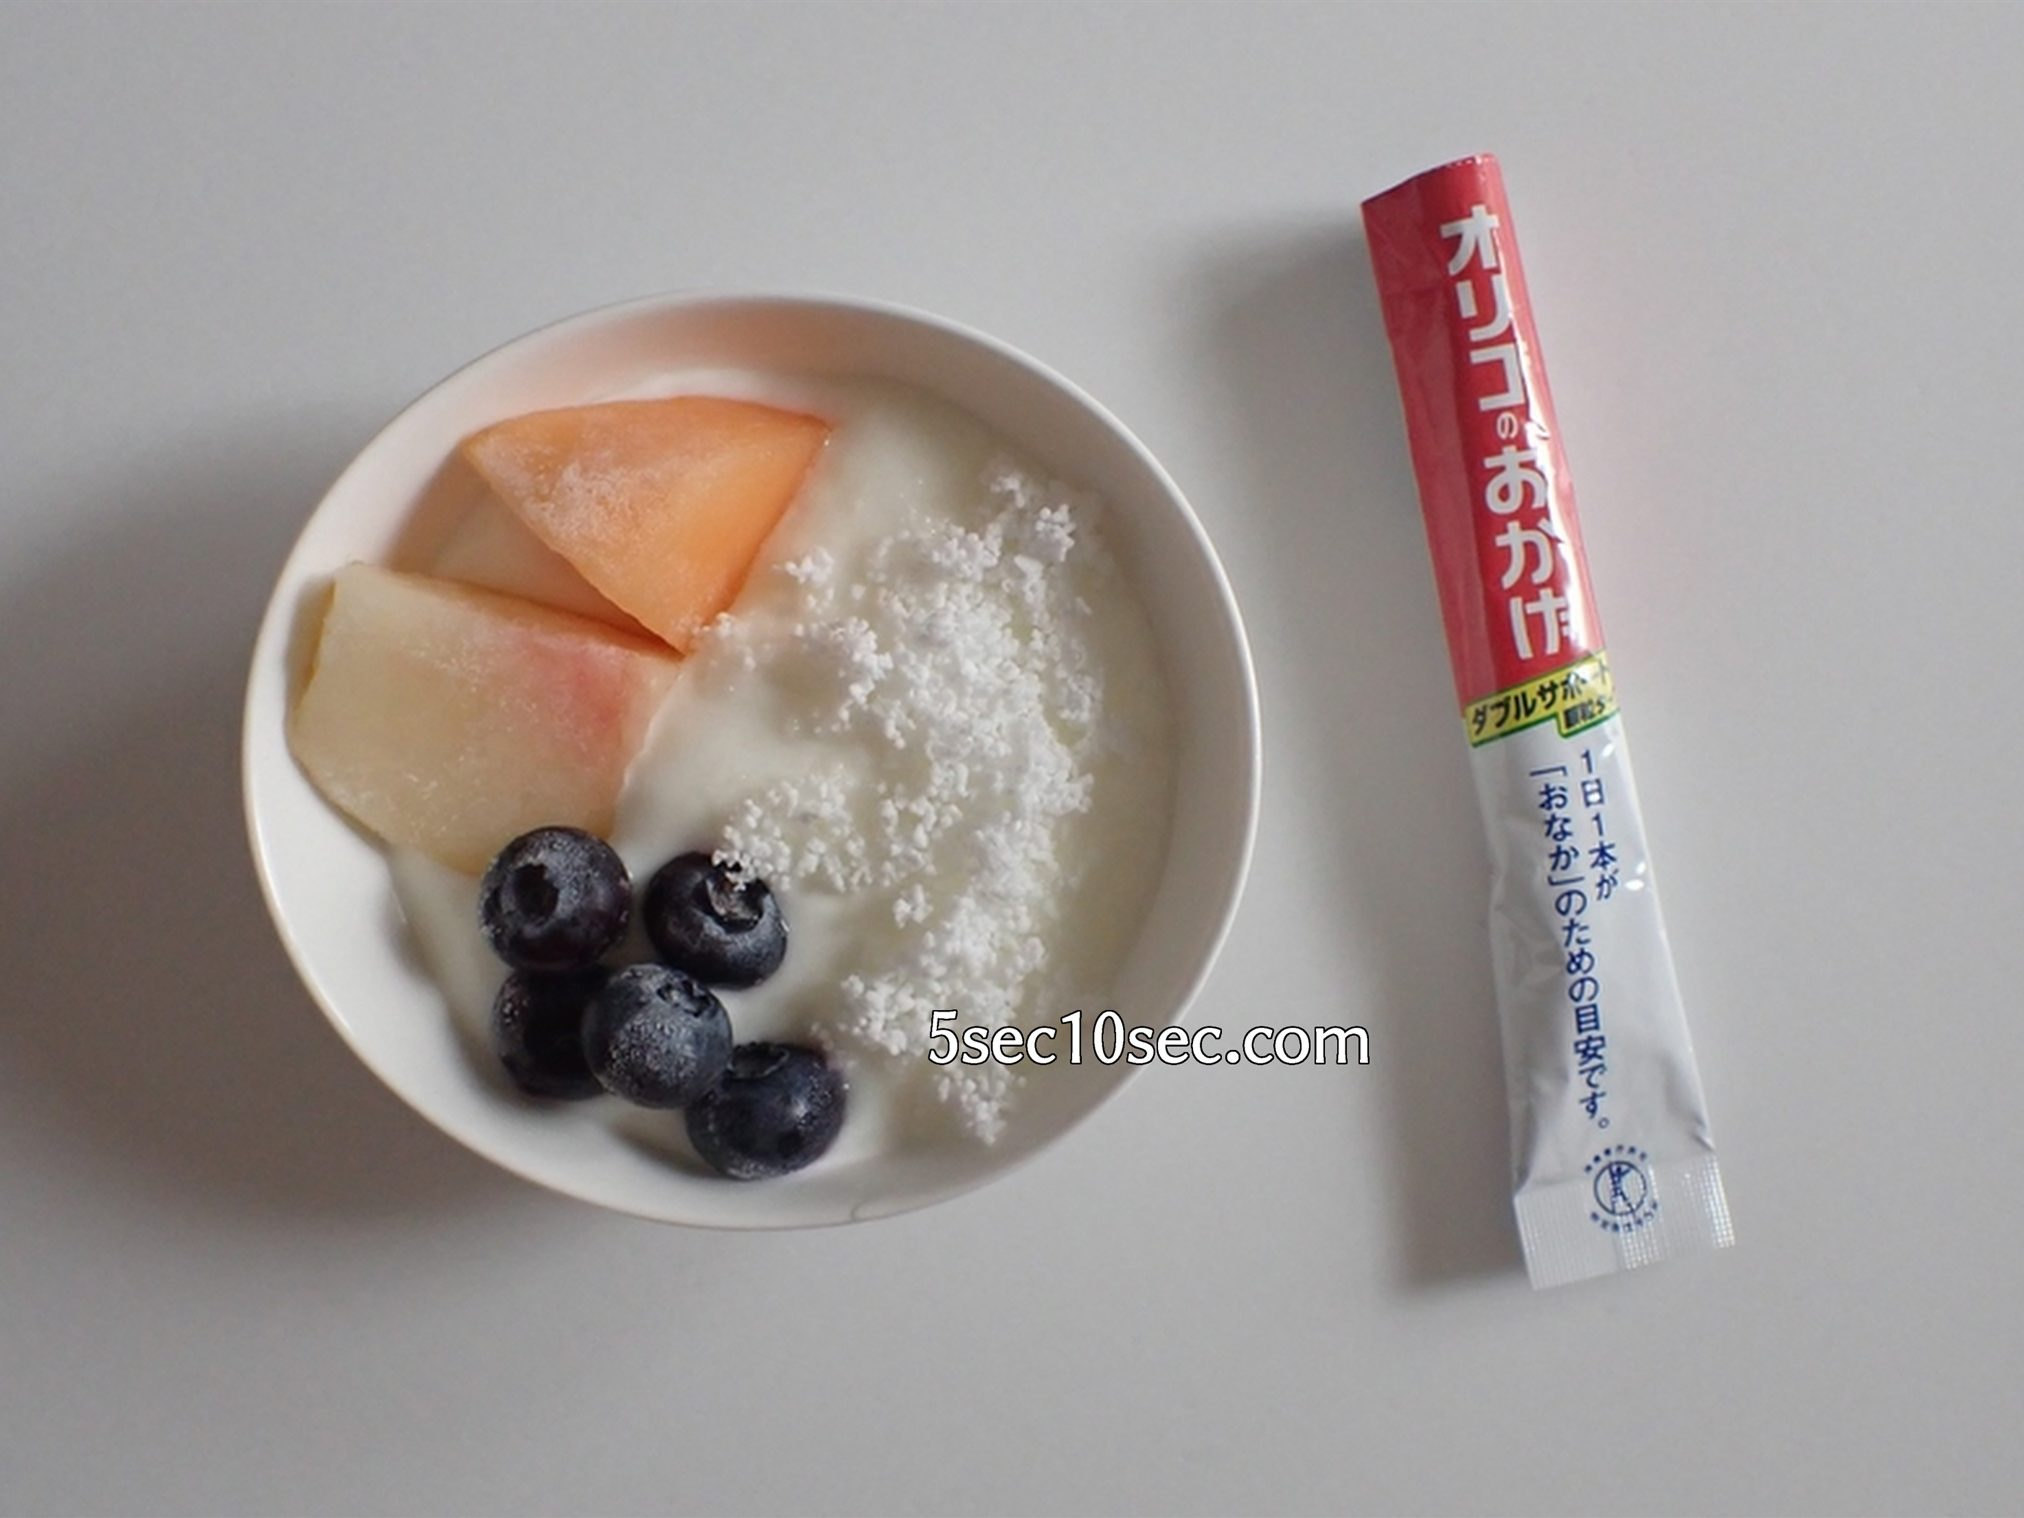 株式会社パールエース WEB限定 オリゴのおかげ ダブルサポートにビフィ乳のおかげ 顆粒スティック6g レシピ 使用例 フルーツとヨーグルトと一緒に